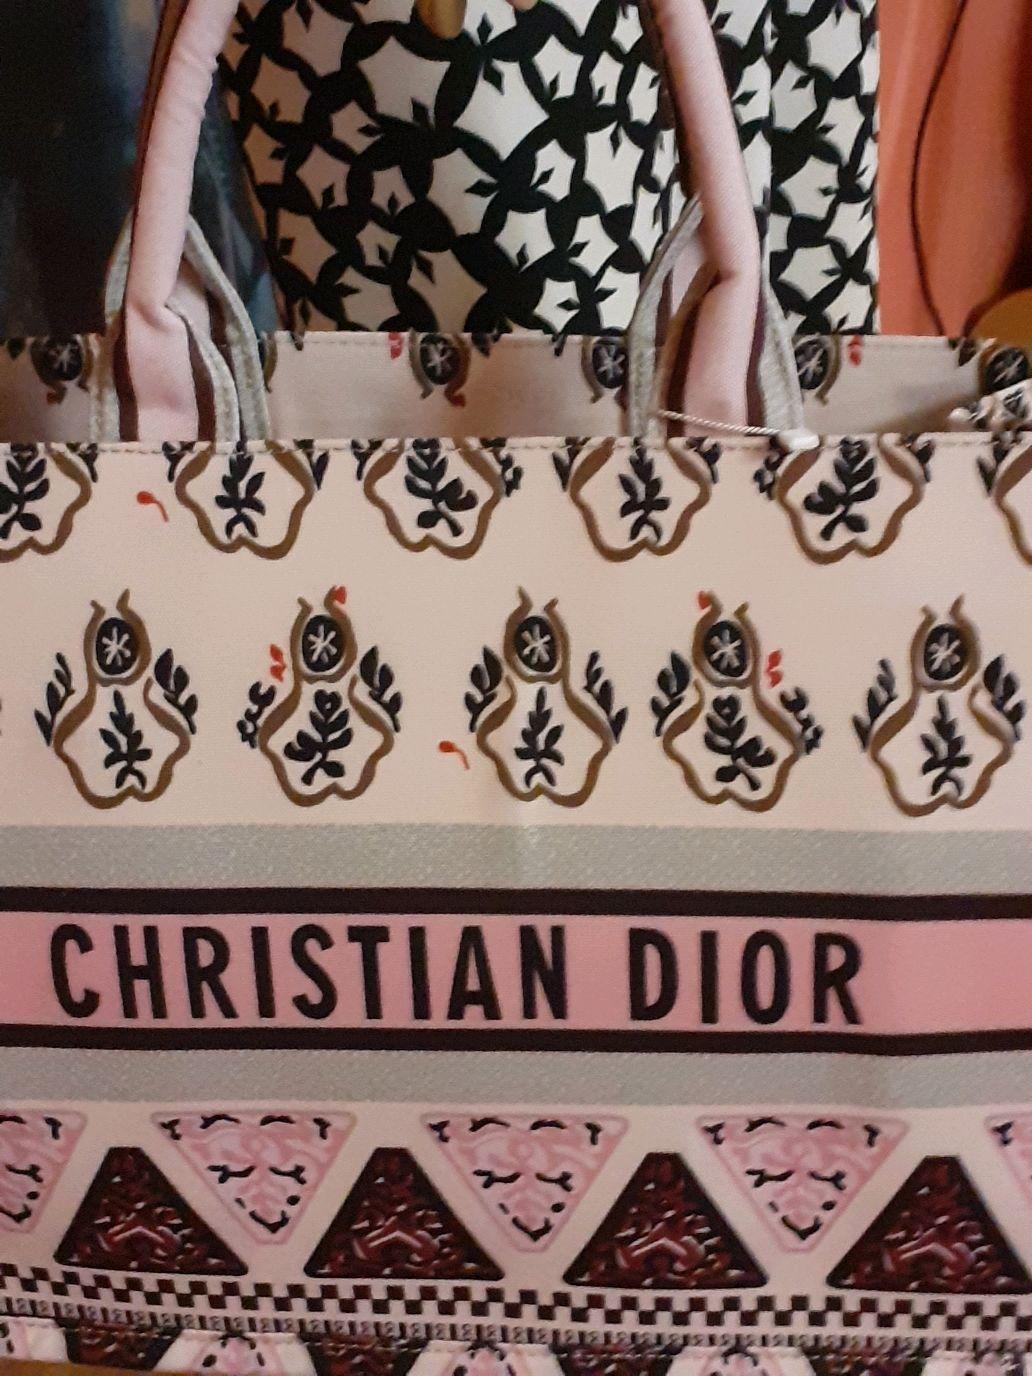 Crihstian Dior брендовая сумка весна, лето текстильная, женская, Классическая сумка, Москва,  Фото №1